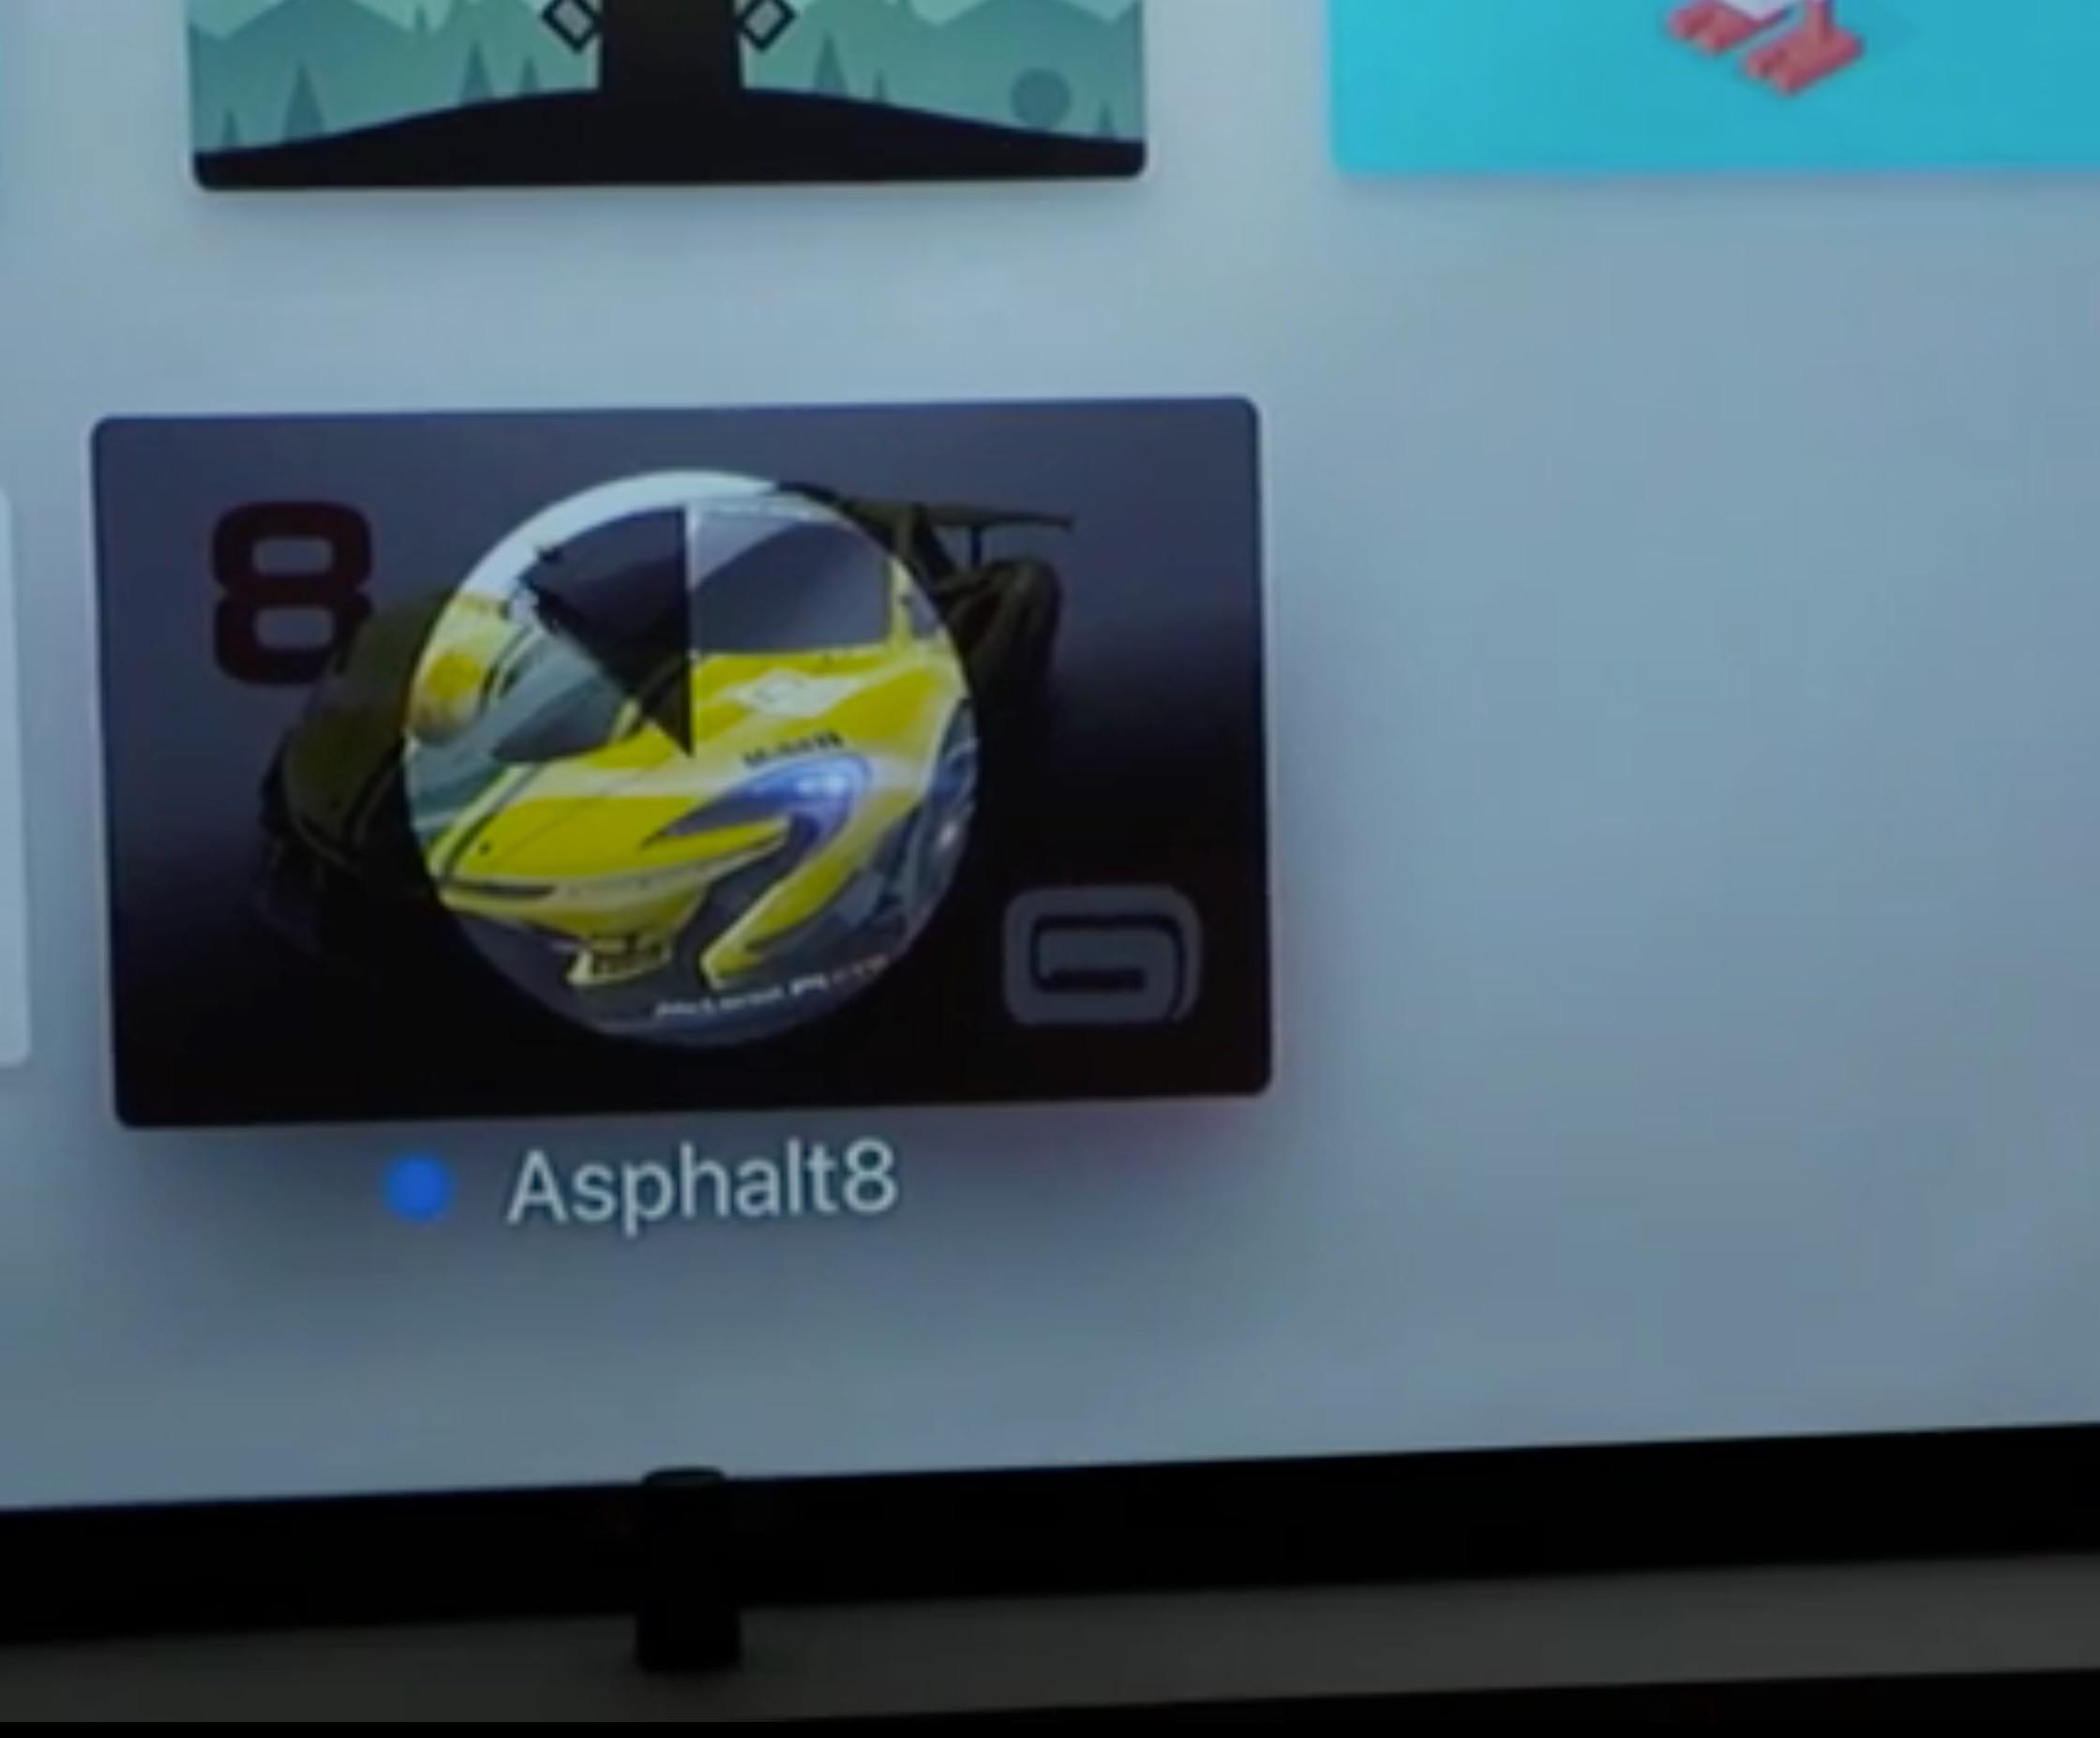 Instalando Asphalt en el nuevo Apple TV